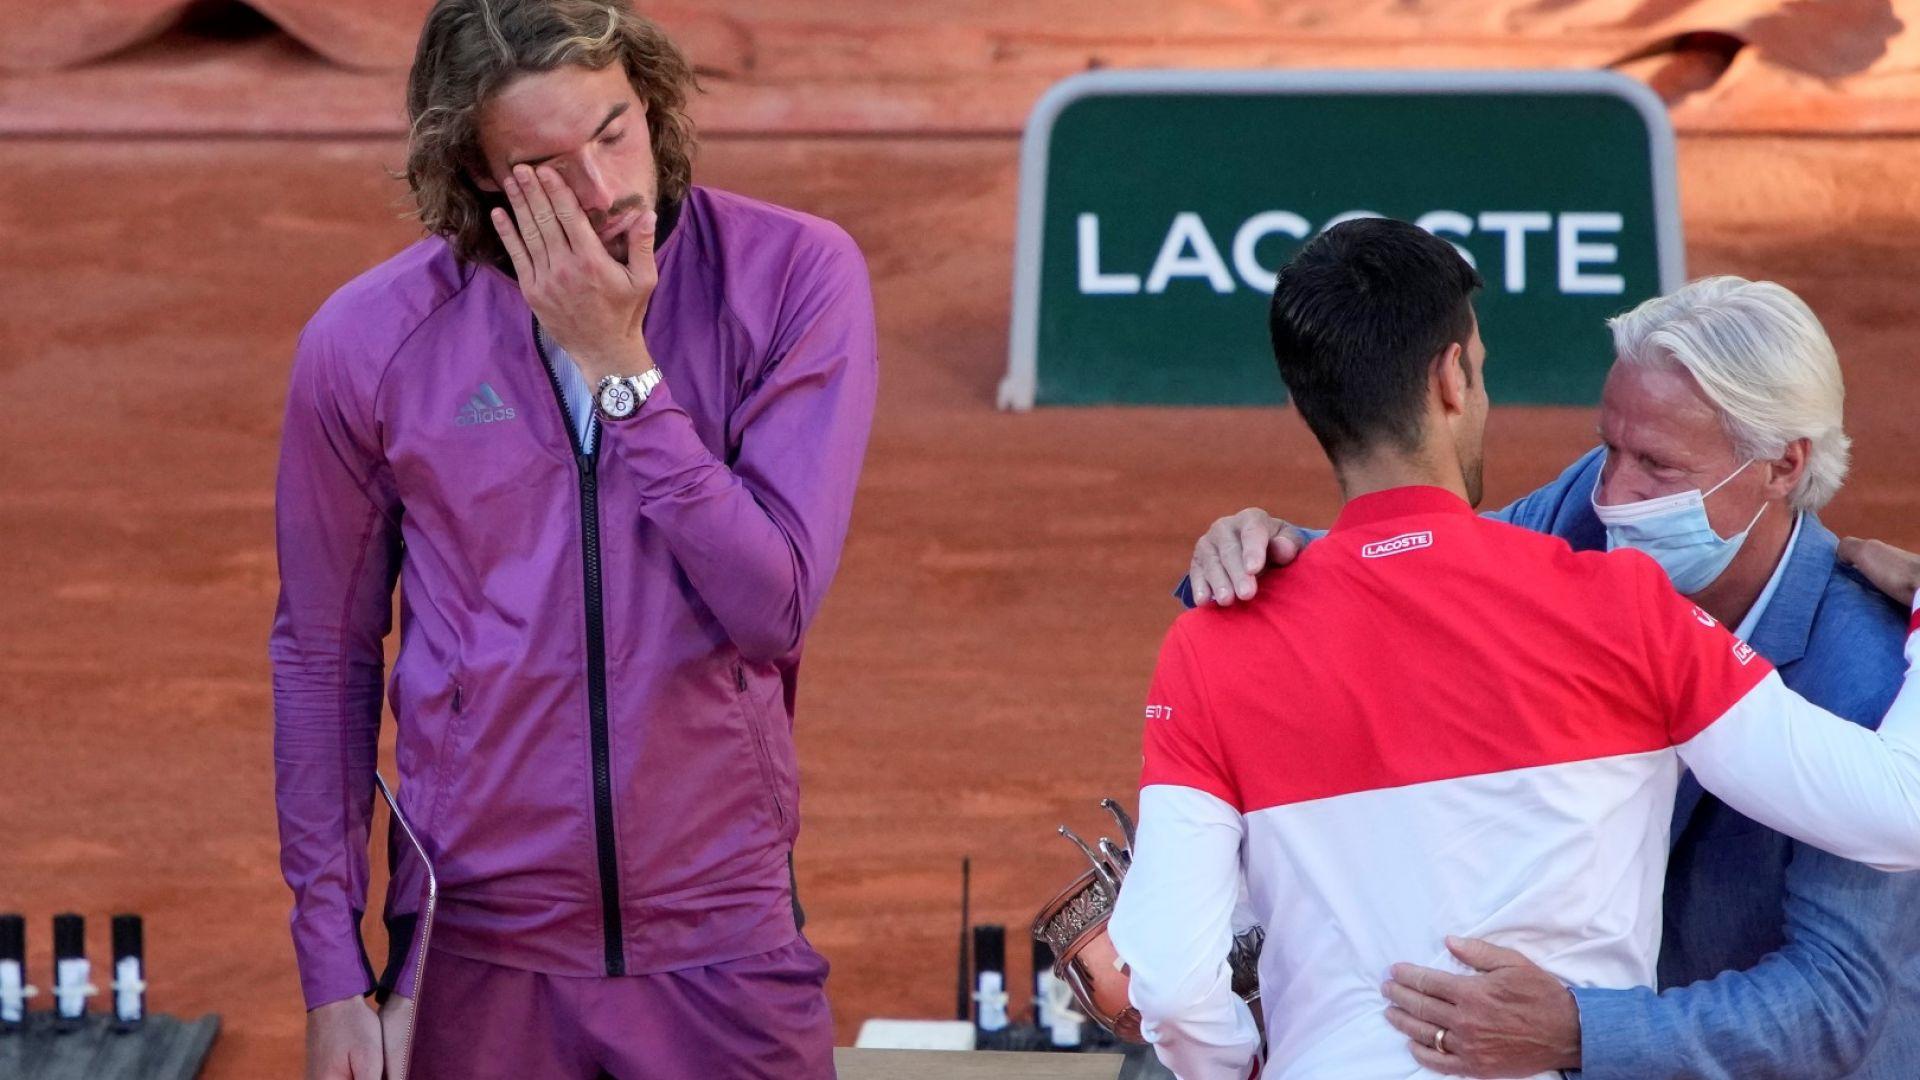 Семейна трагедия разклатила Циципас минути преди да излезе на финала в Париж